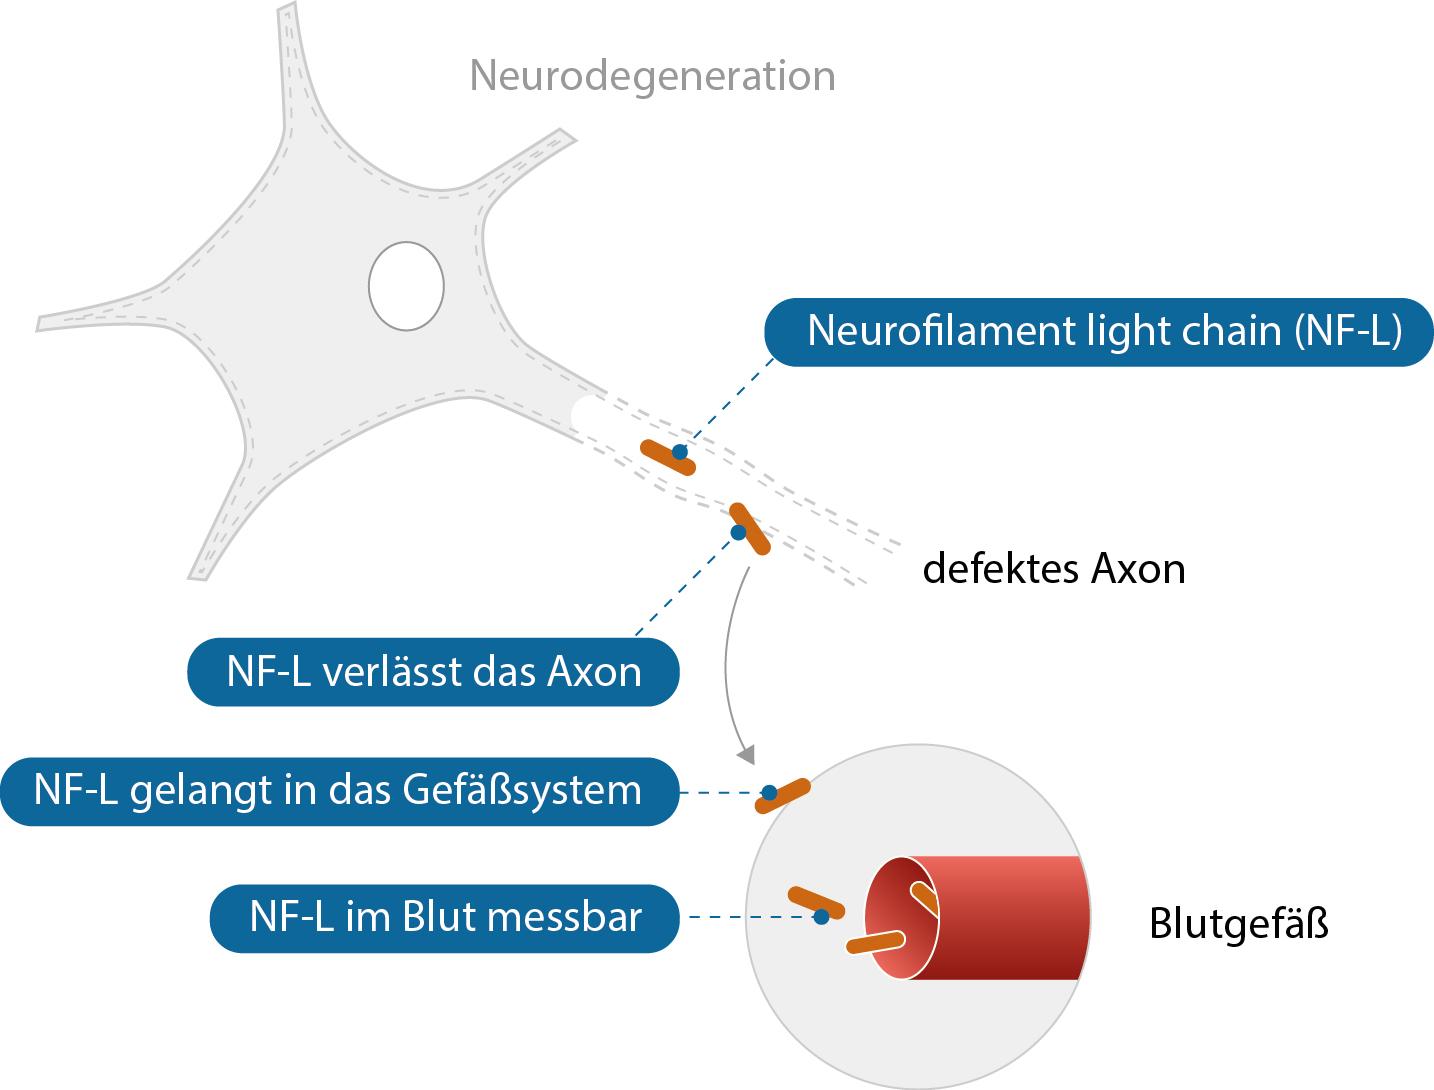 Eine Schädigung der Nervenzelle führt zu Freisetzung von NF-L in das Blut